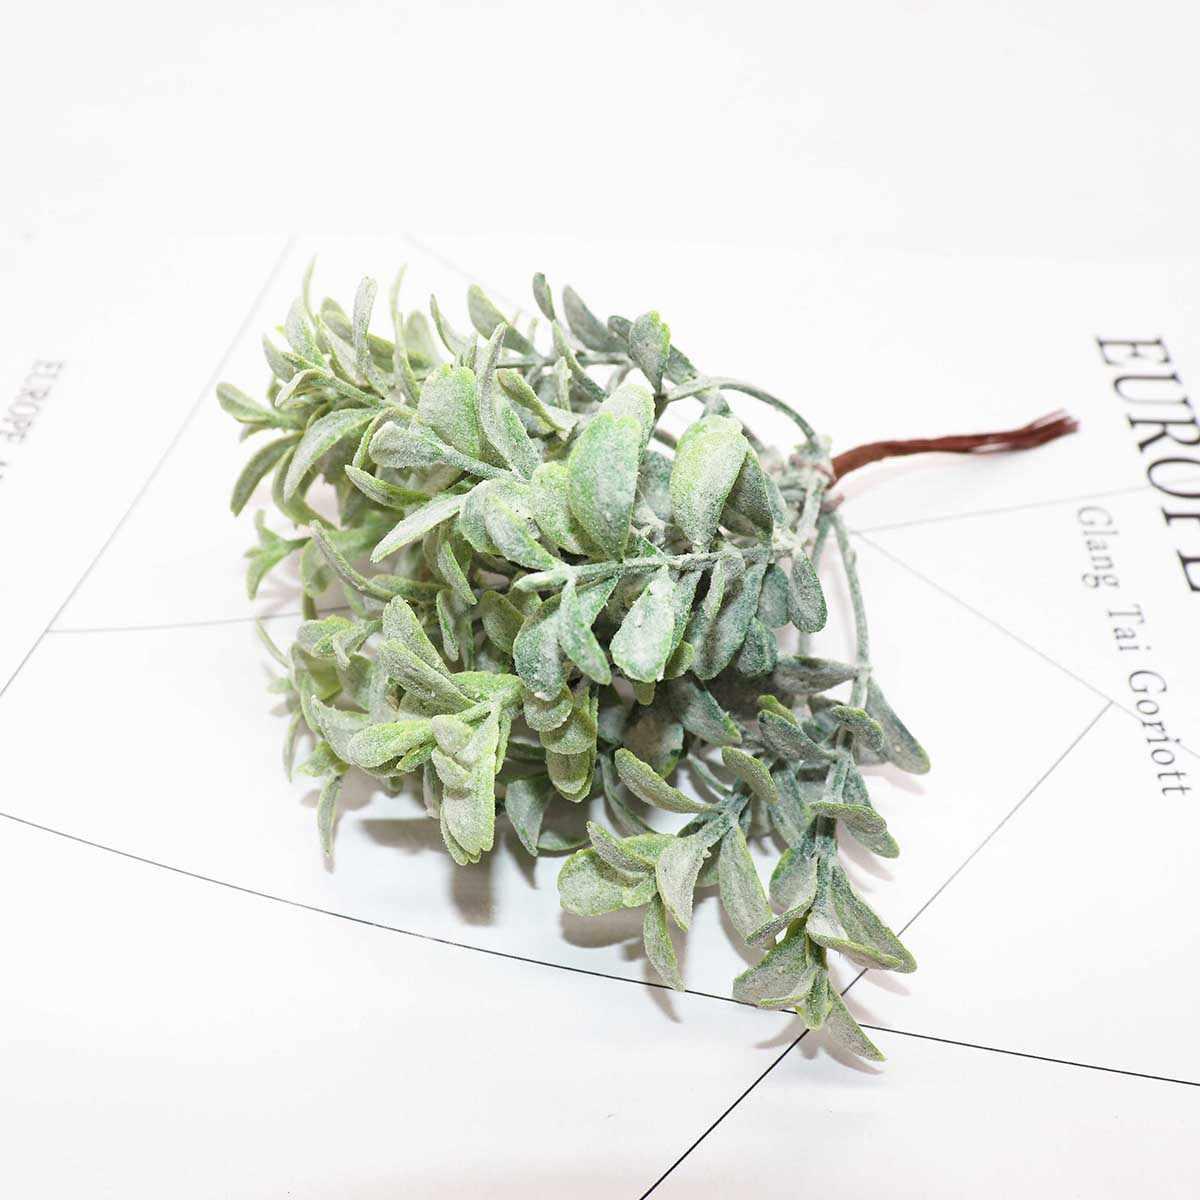 6 قطعة DIY سكرابوكينغ عيد الميلاد الطوق الاصطناعي النباتات أضاليا الزهور الاصطناعية للمنزل ديكور اليدوية وهمية النباتات الخضراء